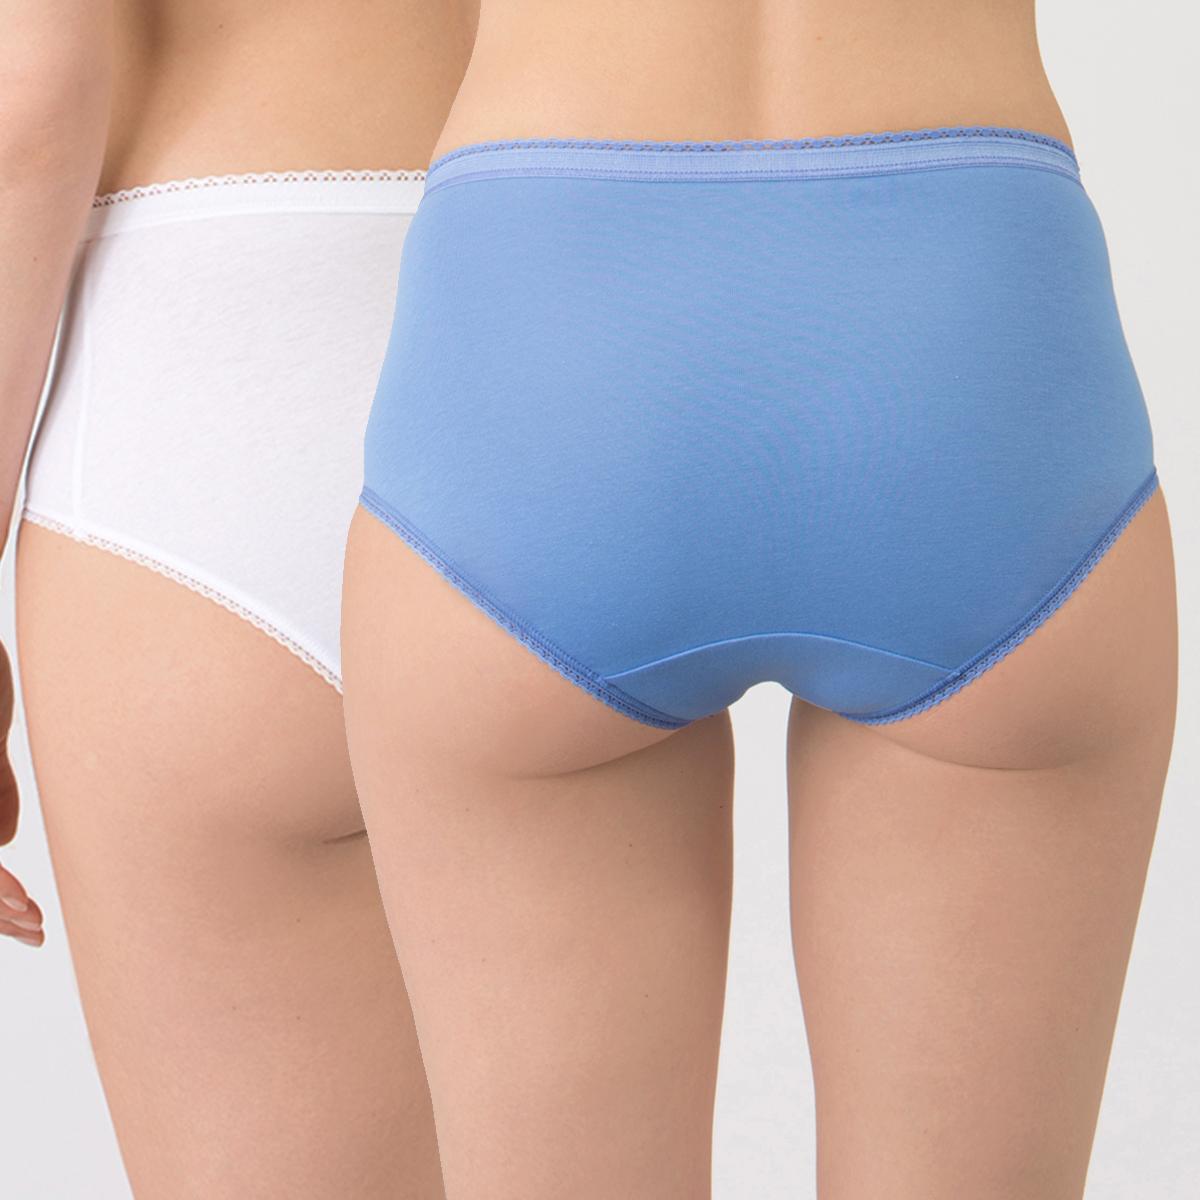 2 Culottes Midi Bleue et Blanche - Coton Stretch-PLAYTEX